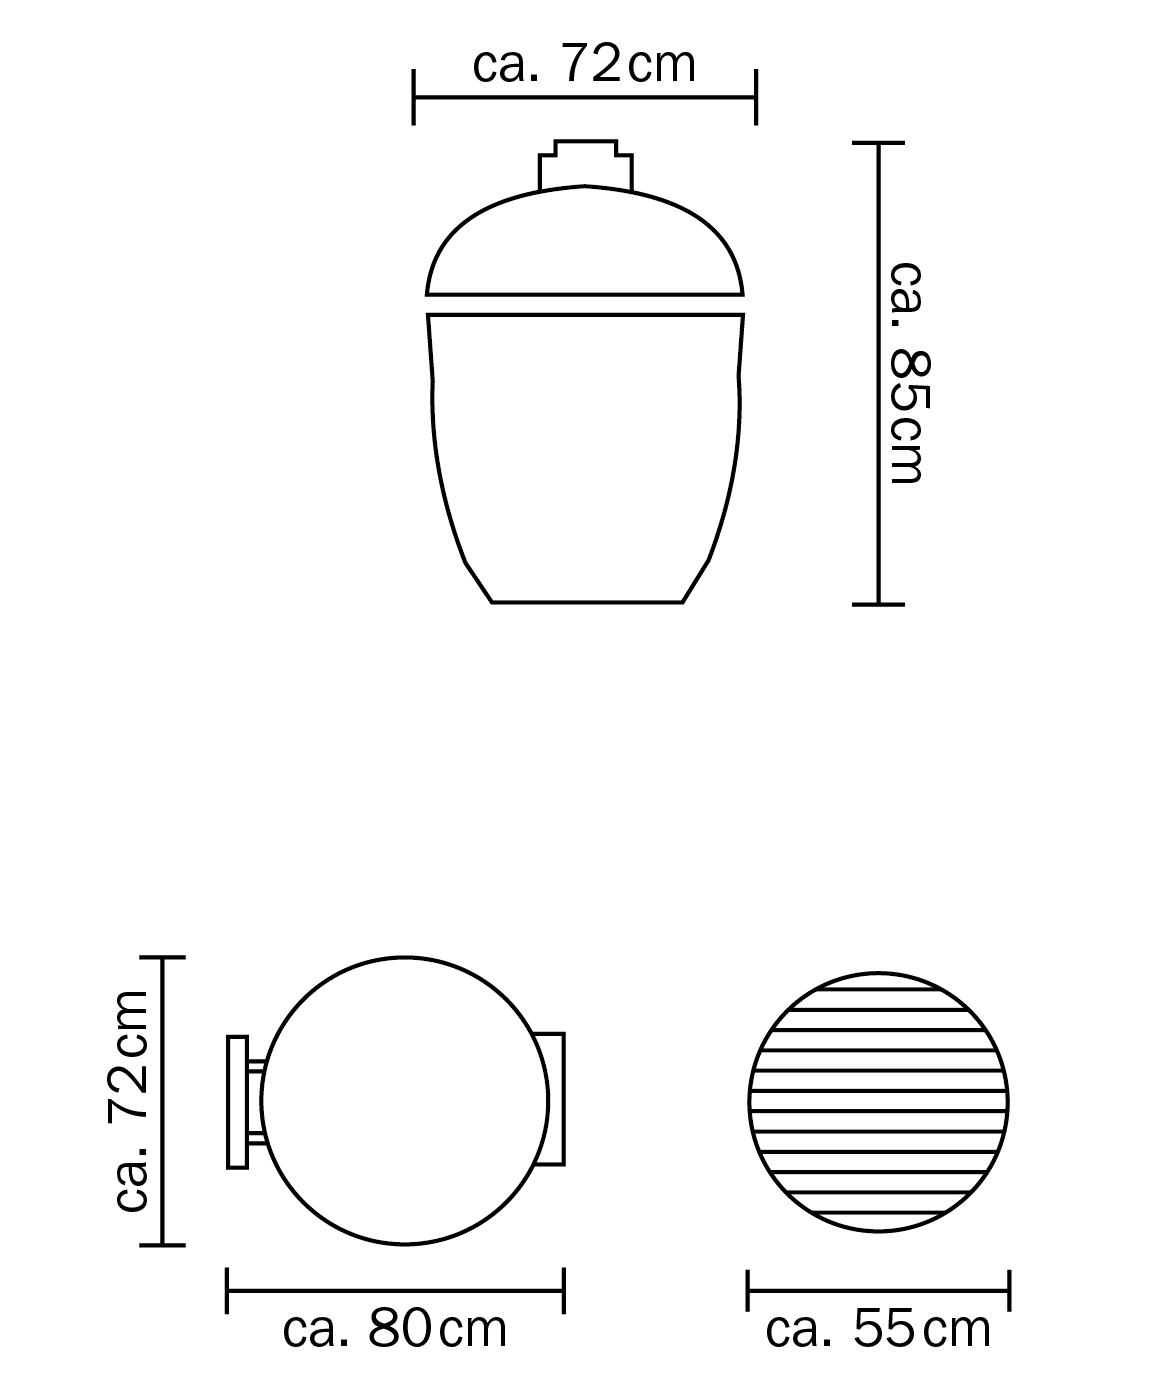 Monolith LeChef Standalone Dimensions